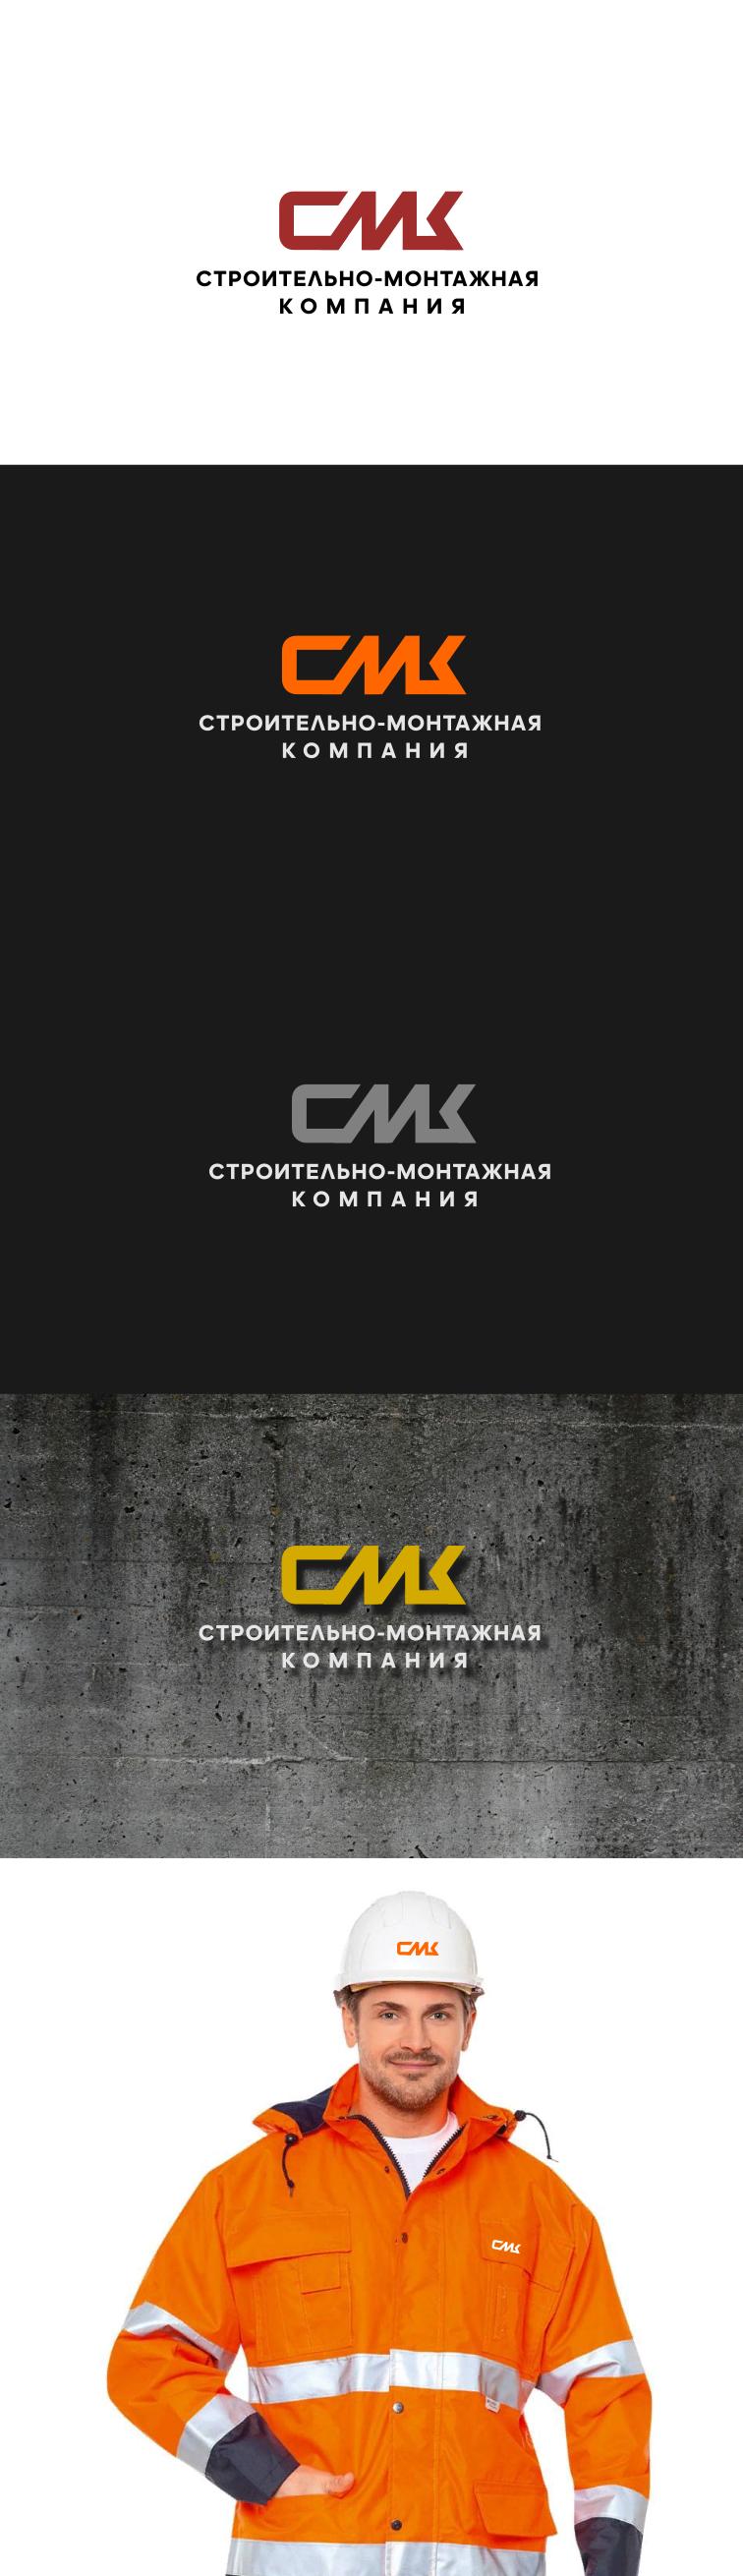 Разработка логотипа компании фото f_2355ddfe07862b0b.png